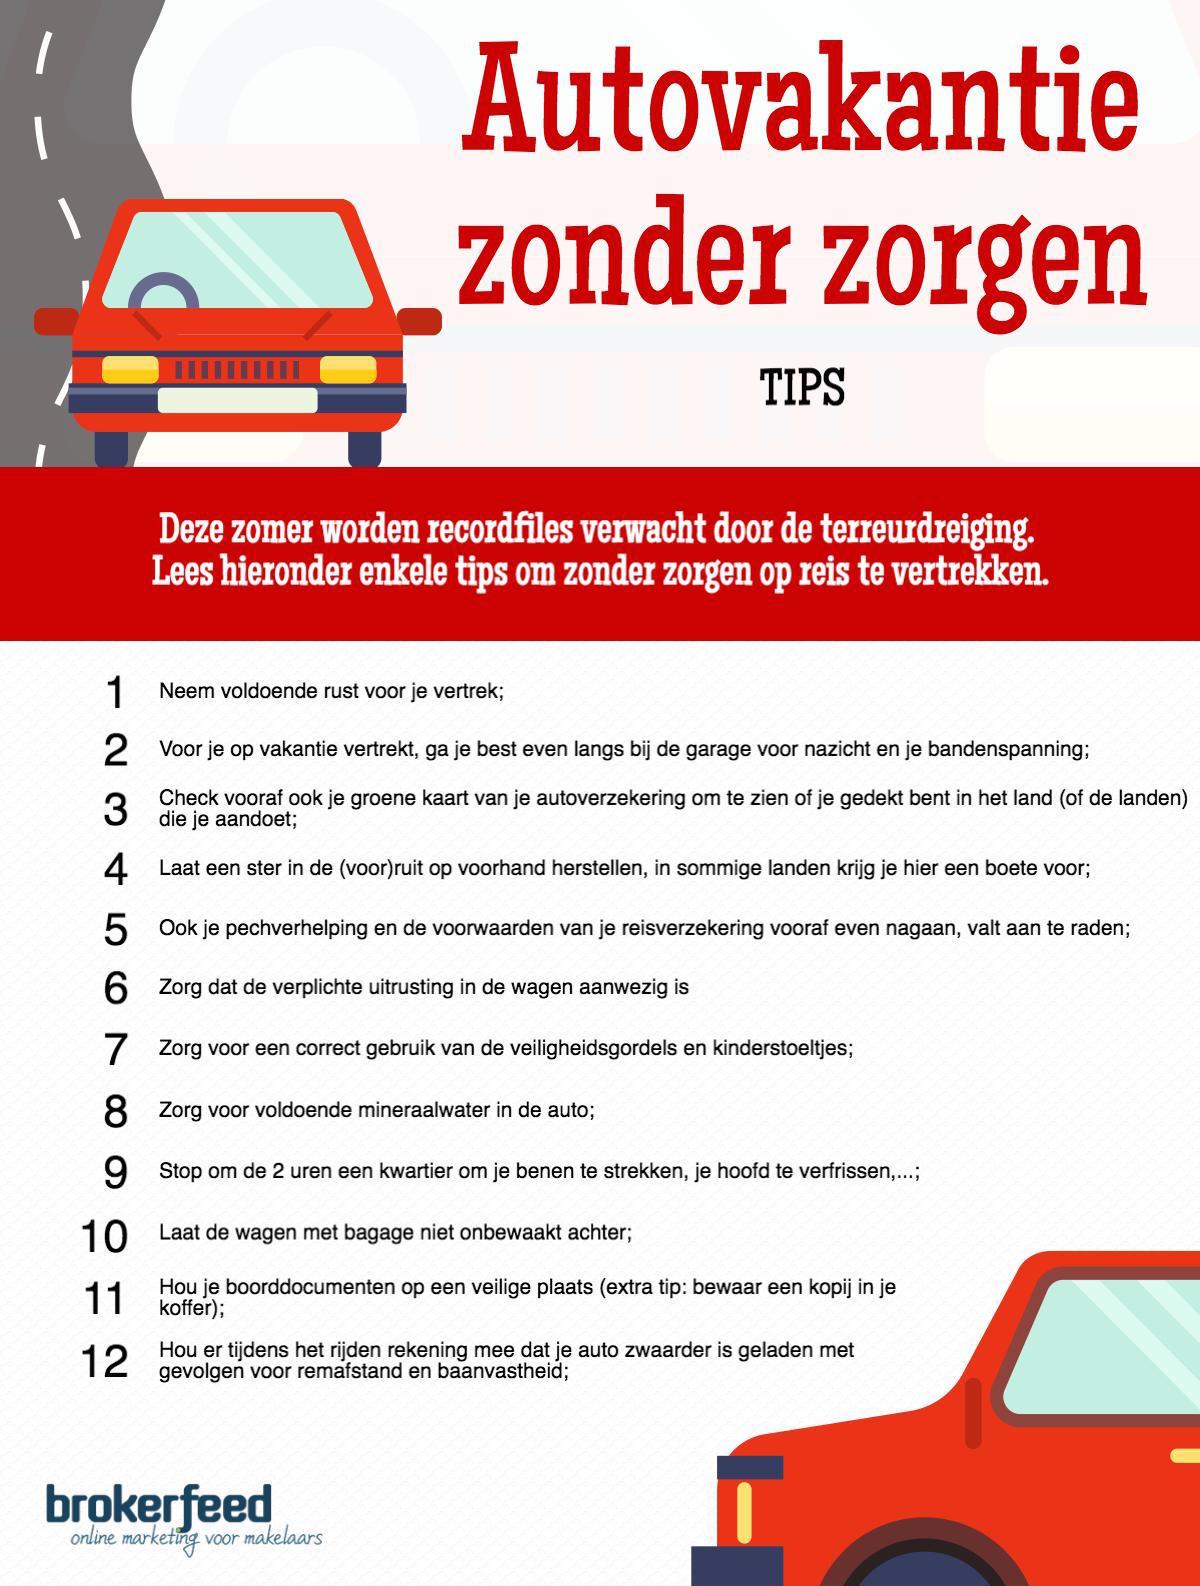 autovakantie-zonder-zorgen